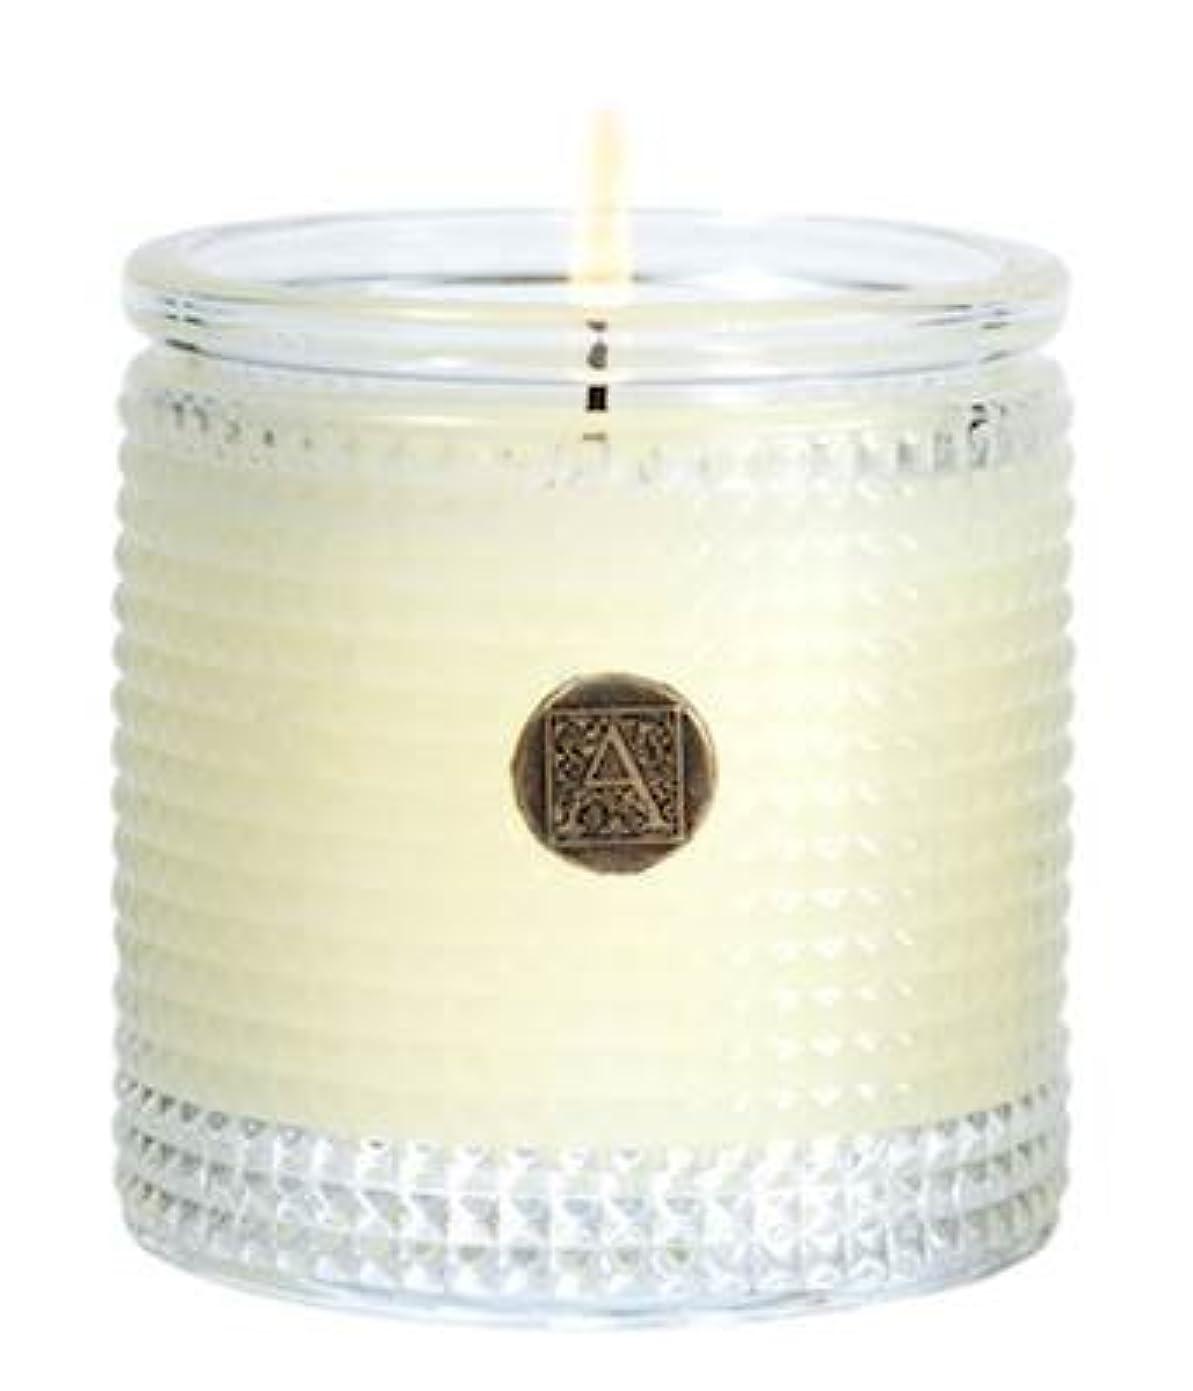 外交問題赤道折るAromatique 5.5 Oz Candle inオレンジand Evergreen